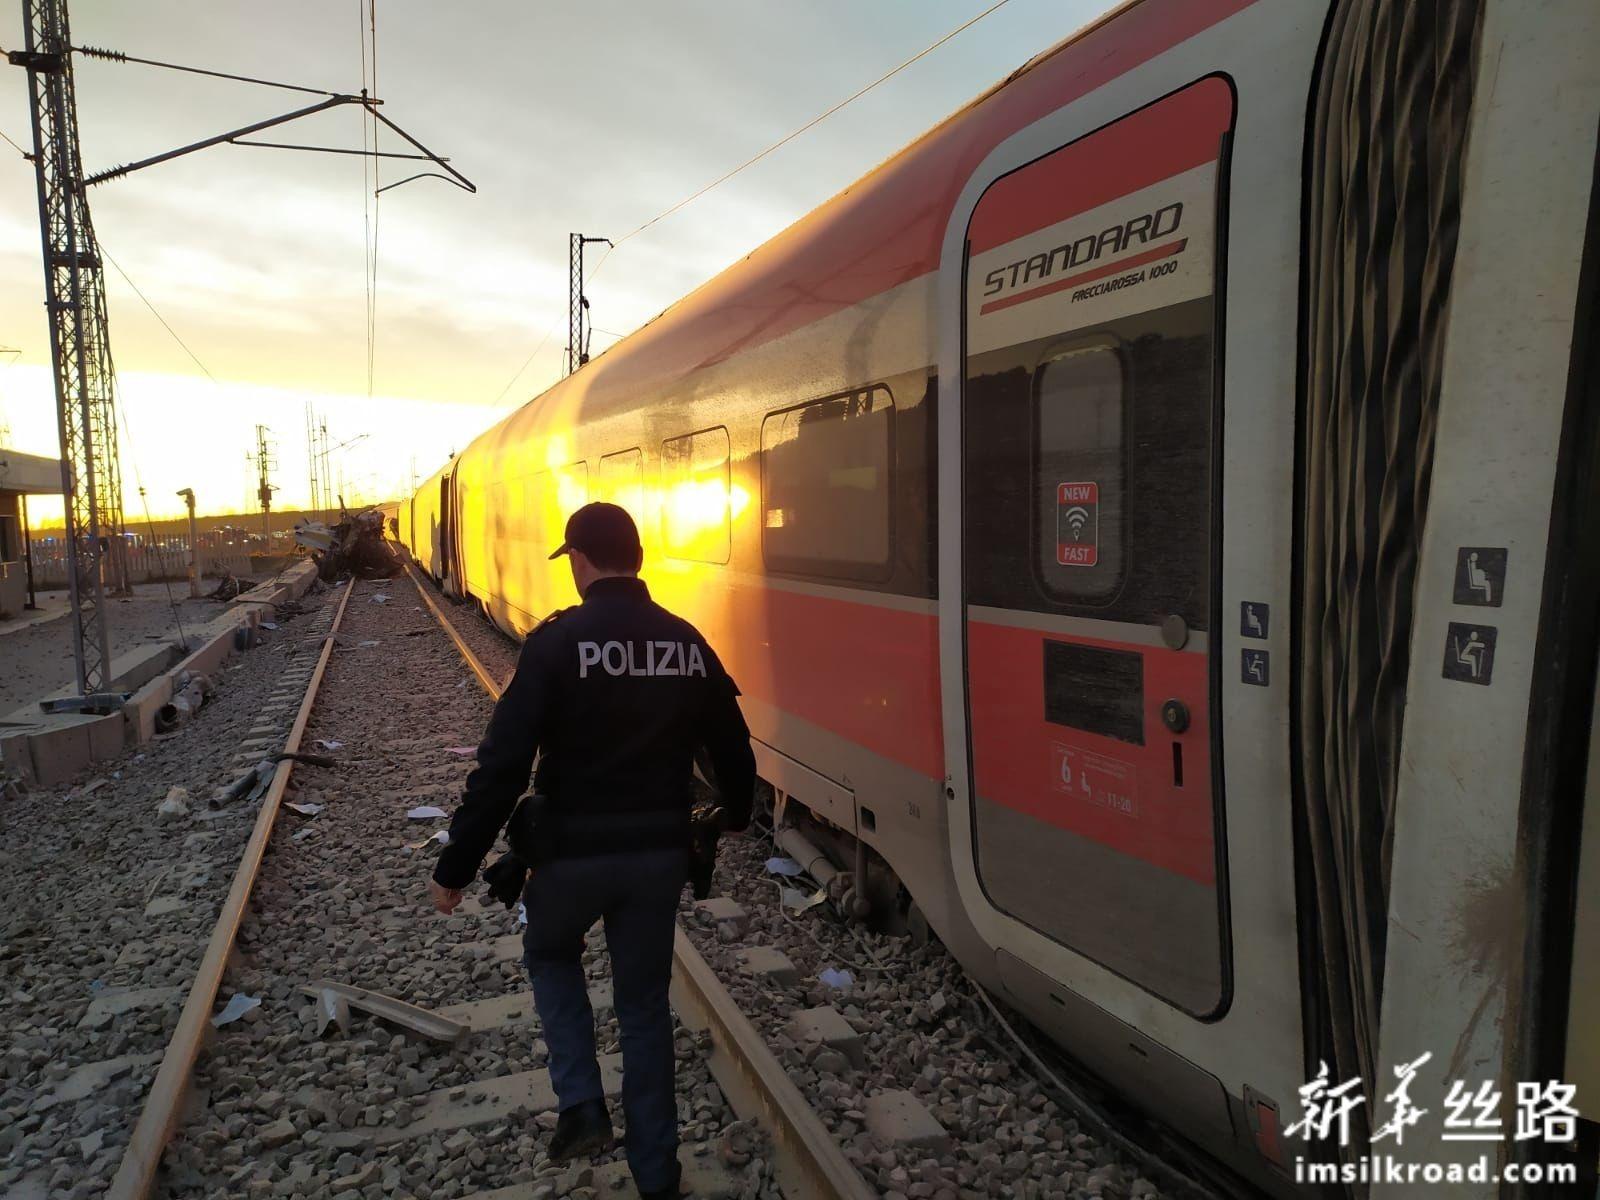 意大利北部发生高铁列车脱轨事故 两人死亡多人受伤